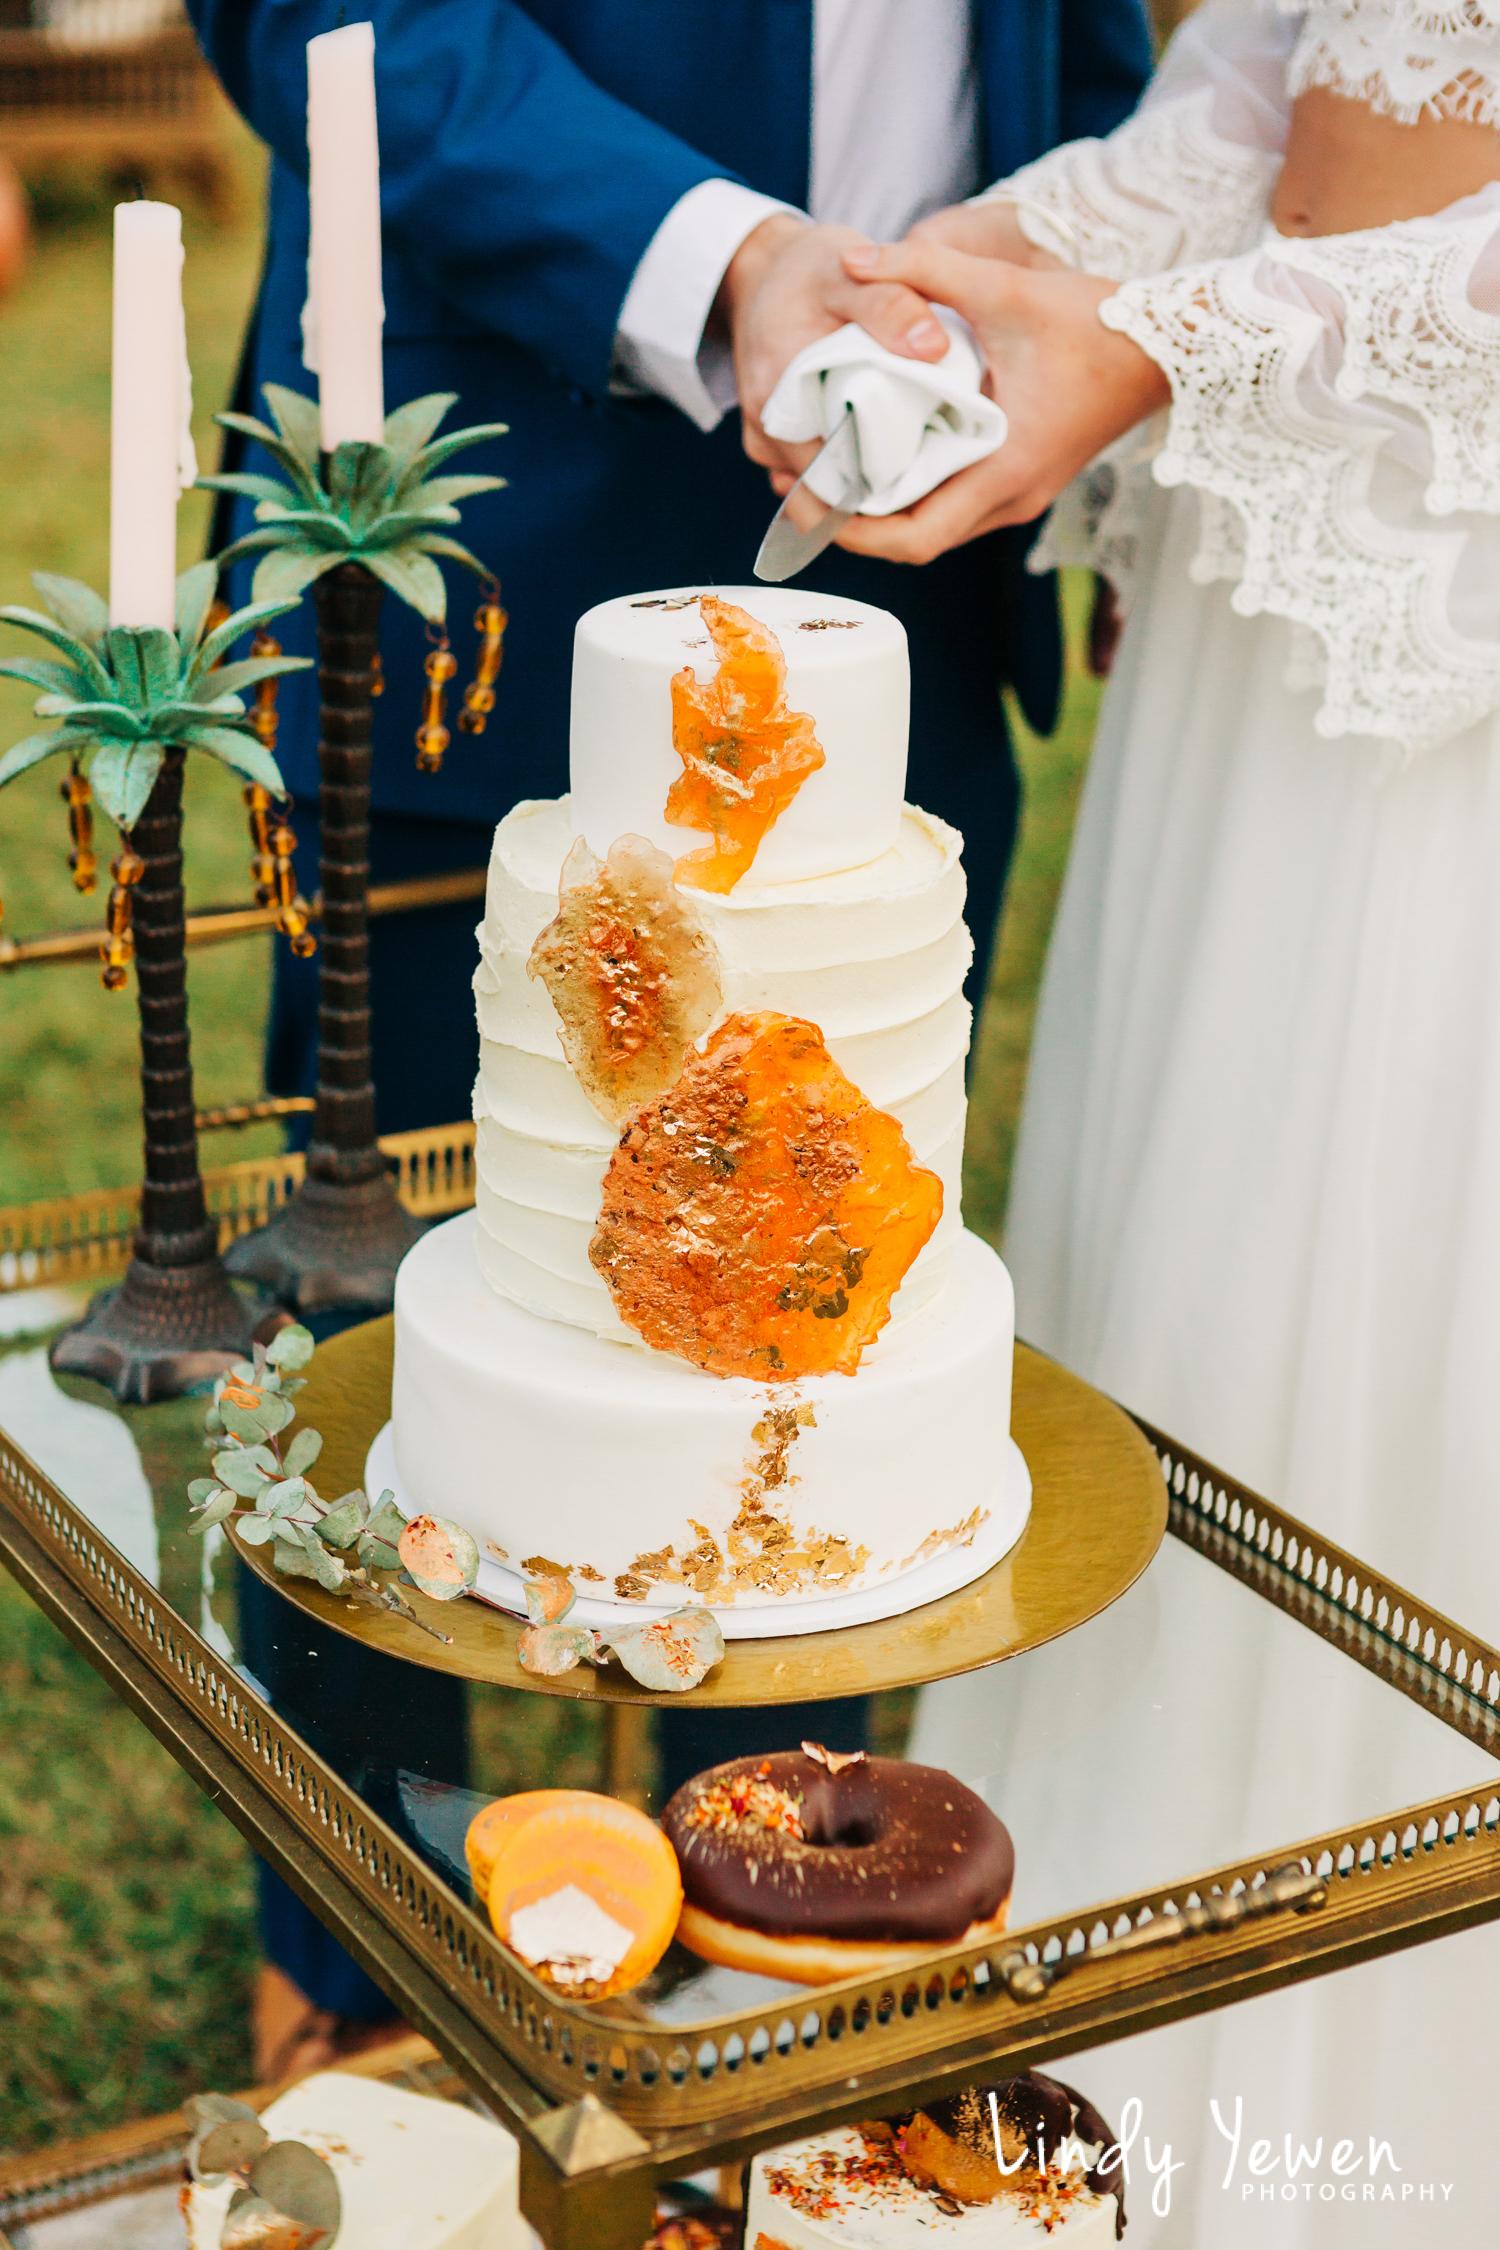 Noosa-Wedding-Photographers-Lindy-Yewen 38.jpg